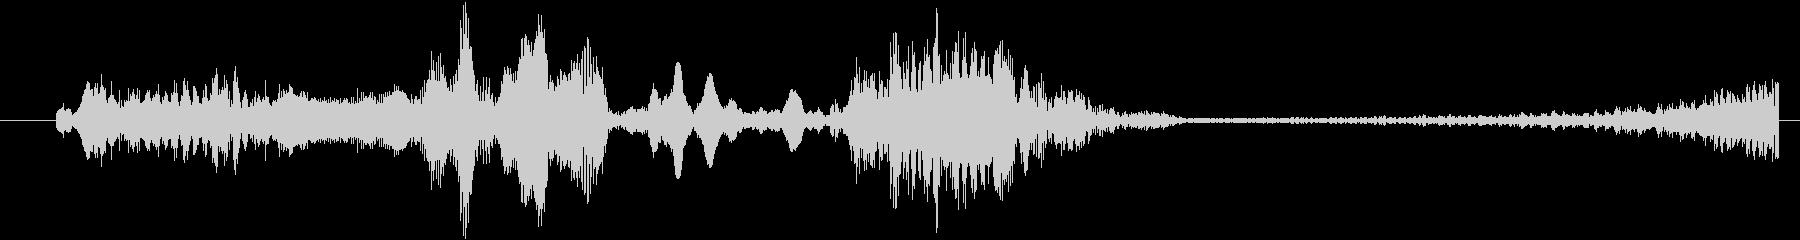 モンスター グリッチトーク01の未再生の波形